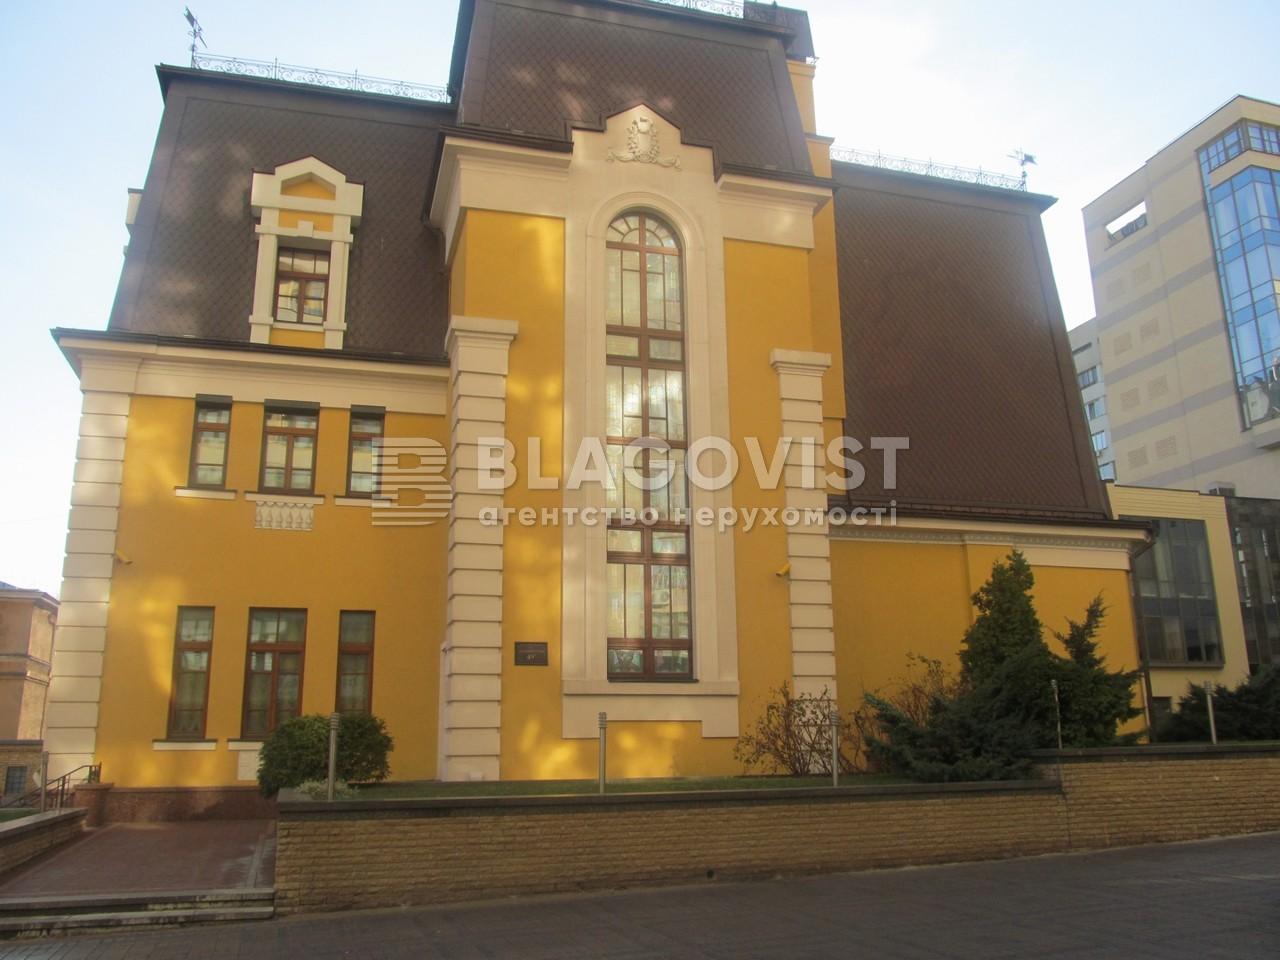 Дом, H-28039, Владимирская, Киев - Фото 1